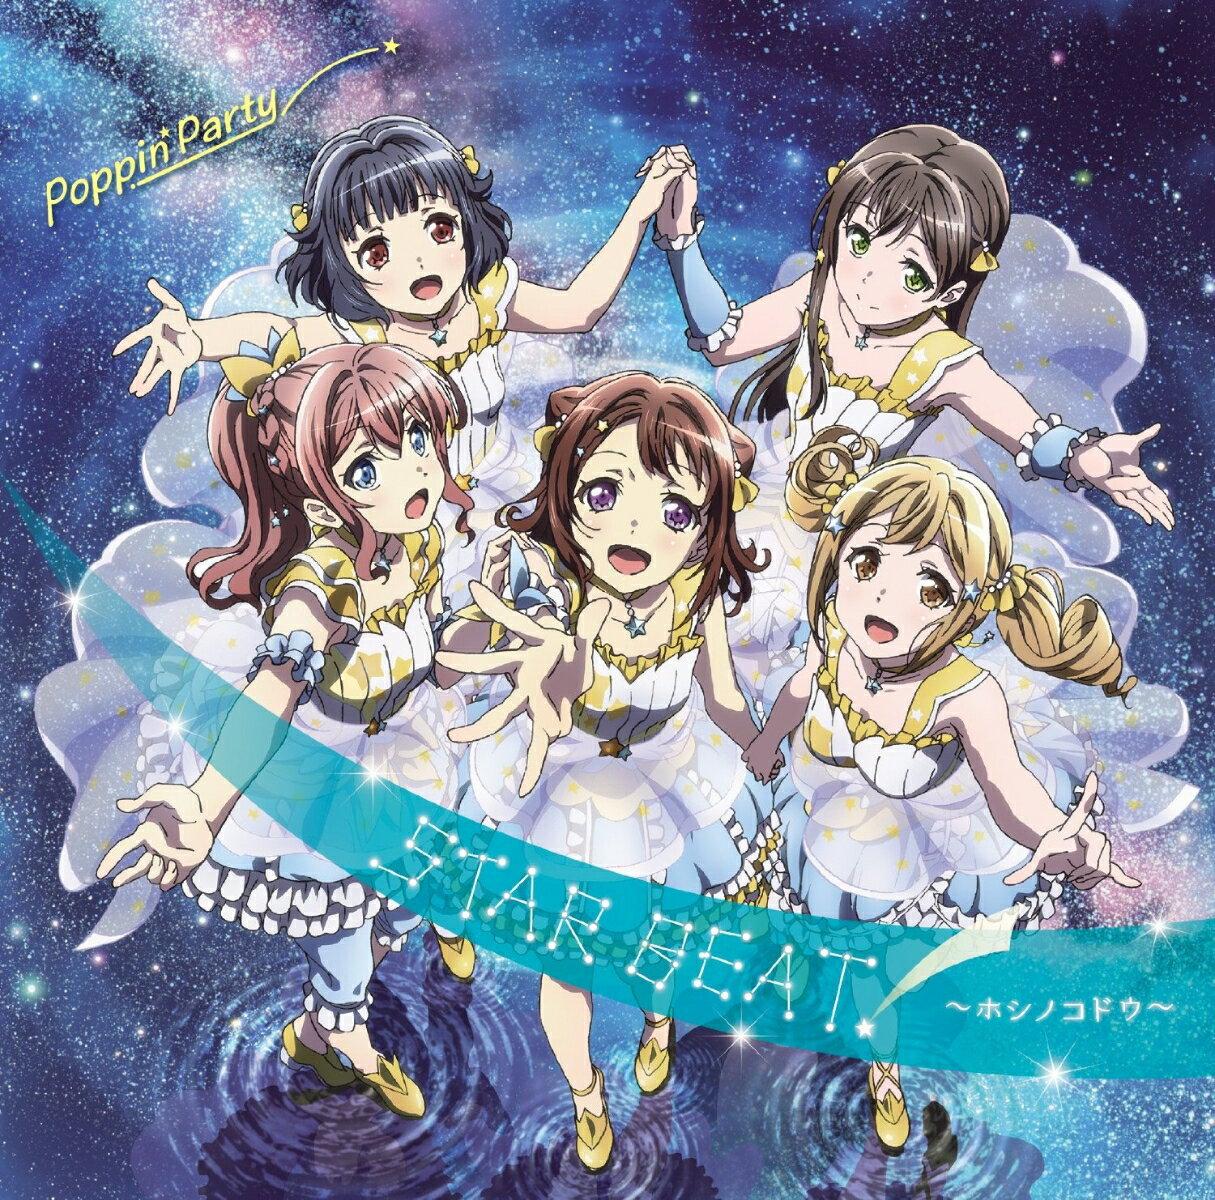 バンドリ!「STAR BEAT!〜ホシノコドウ〜」【Blu-ray付生産限定盤】画像